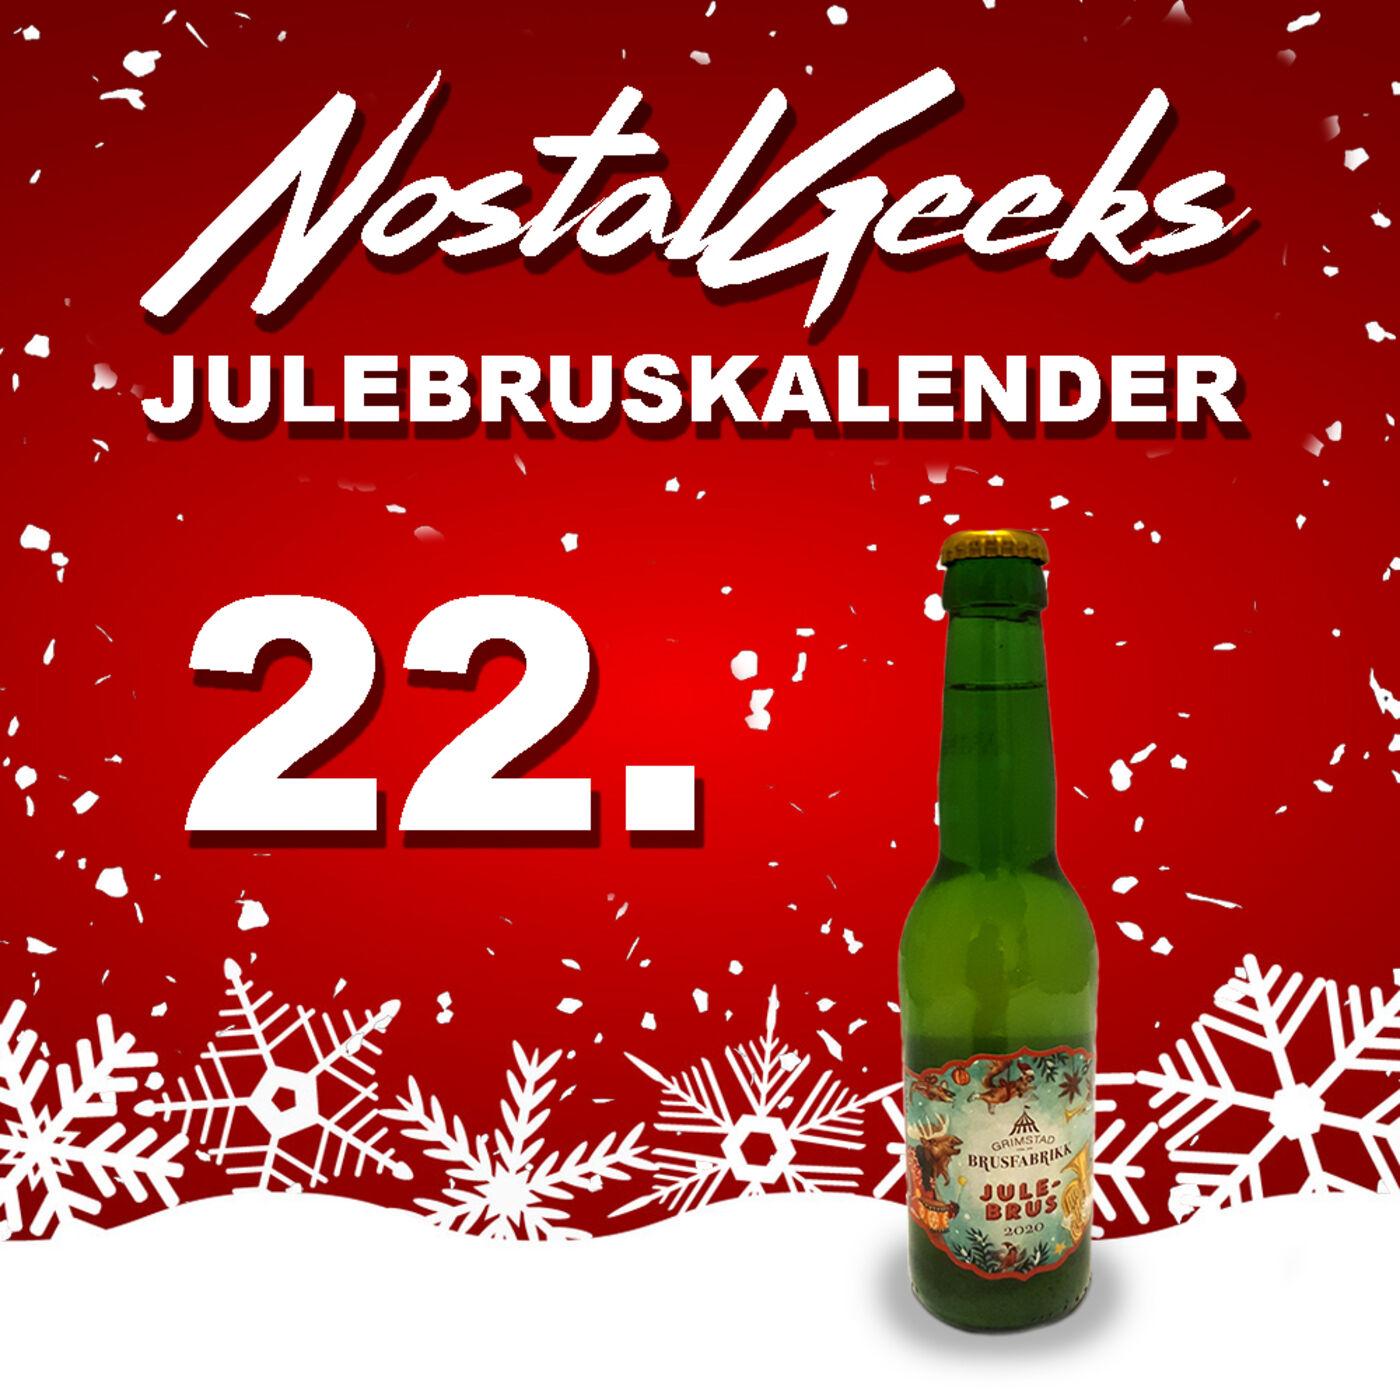 NostalGeeks Julebruskalender - 22 -  Grimstad Brusfabrikk Julebrus